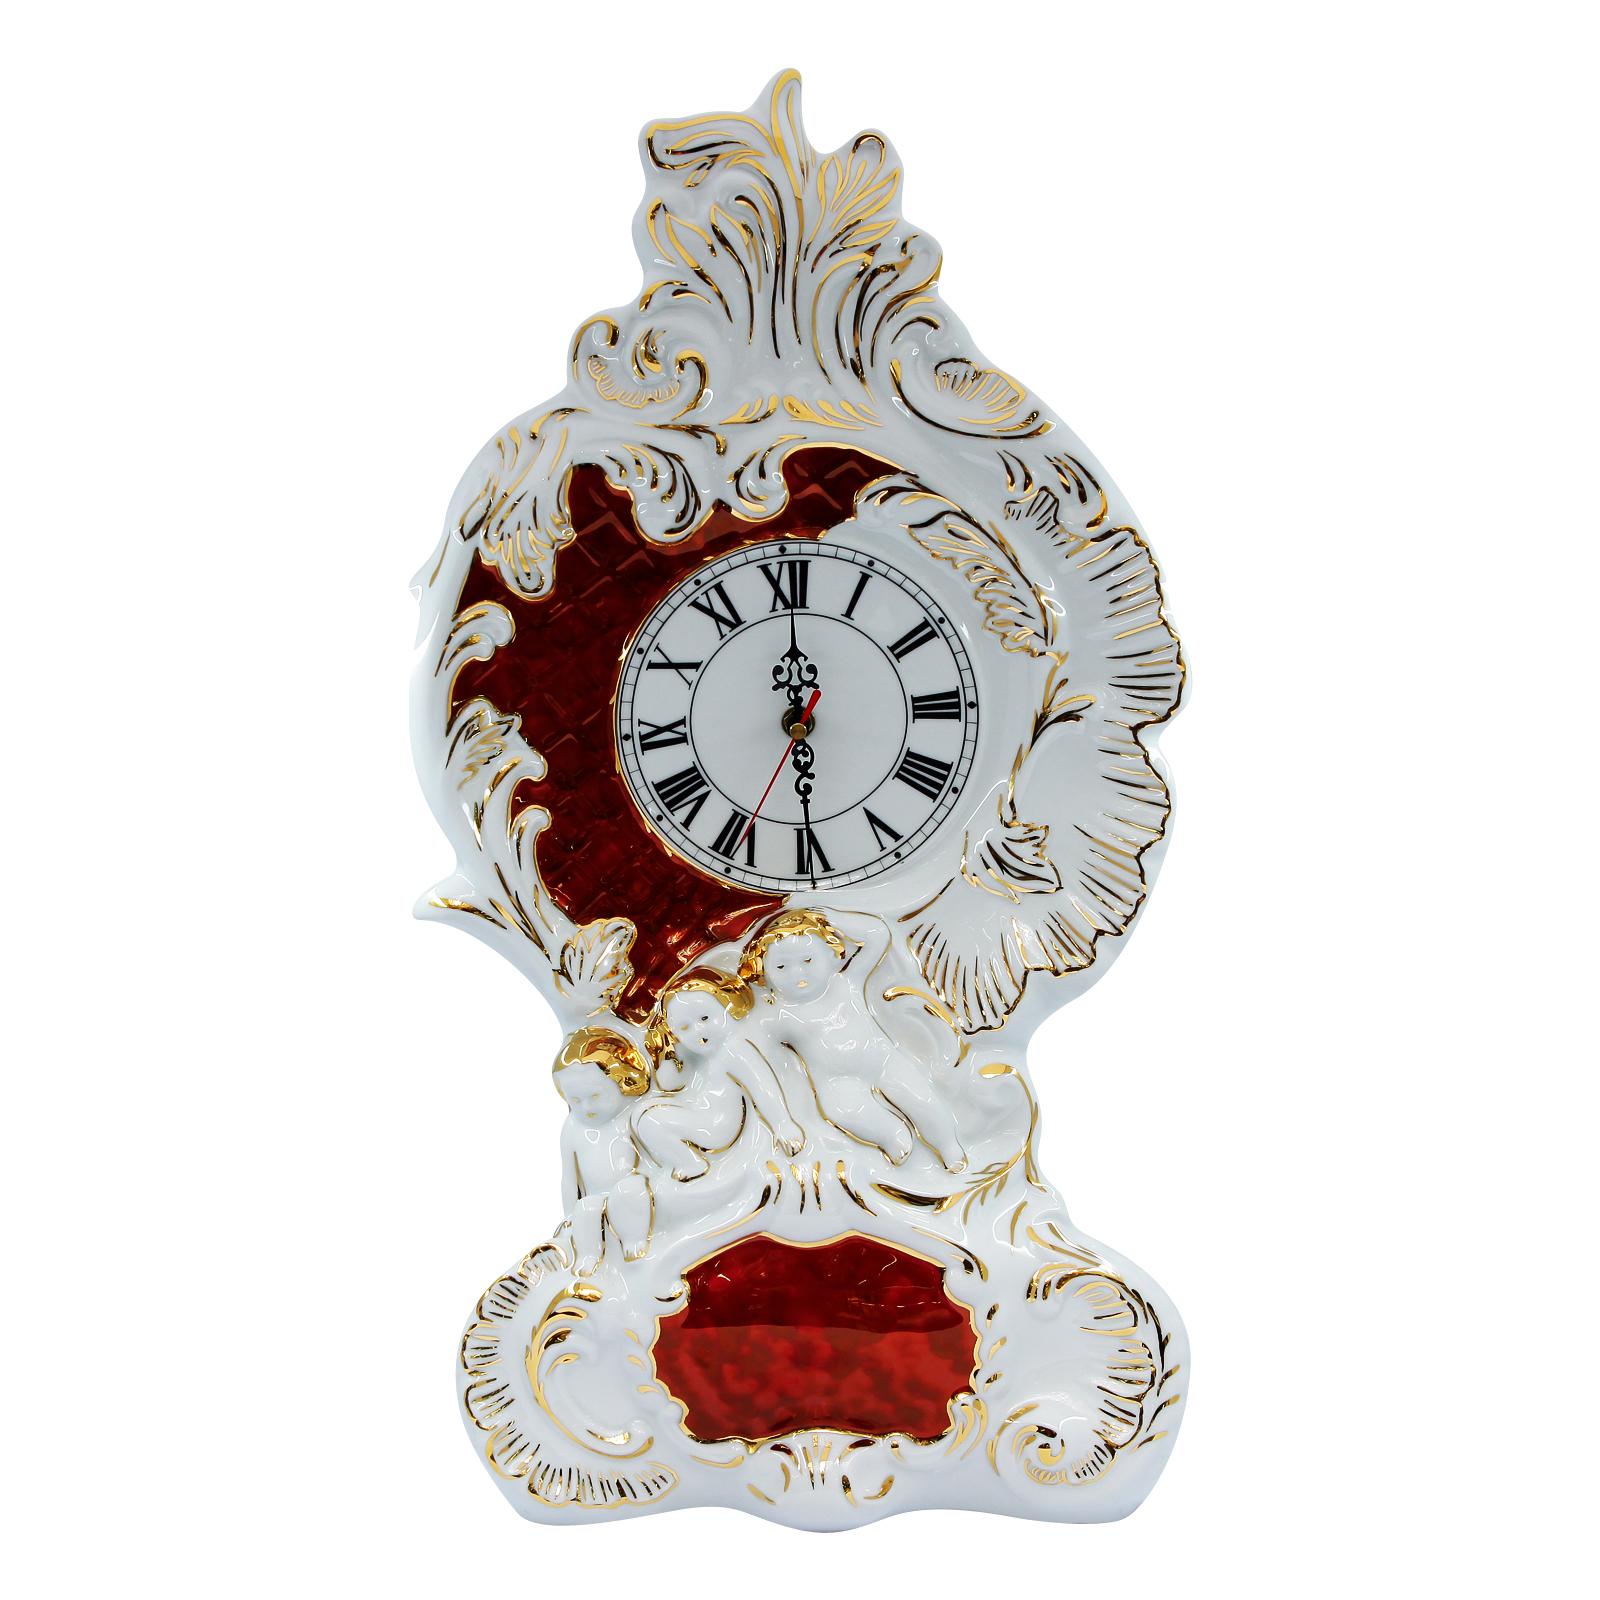 Đồng hồ sứ đỏ to